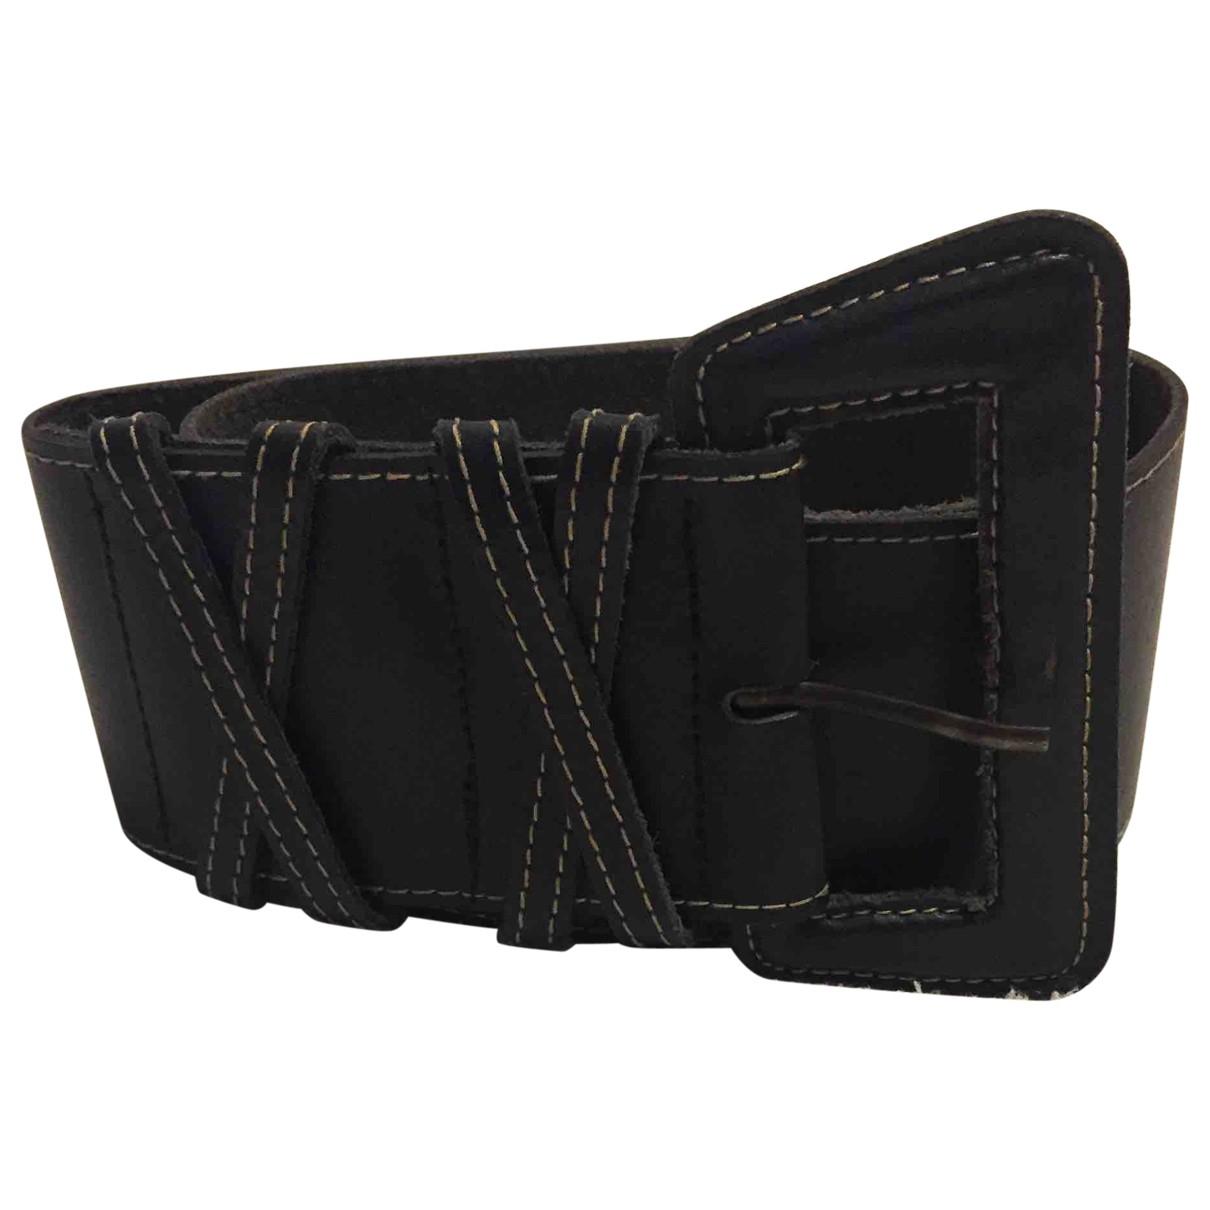 Cinturon de Cuero Marella